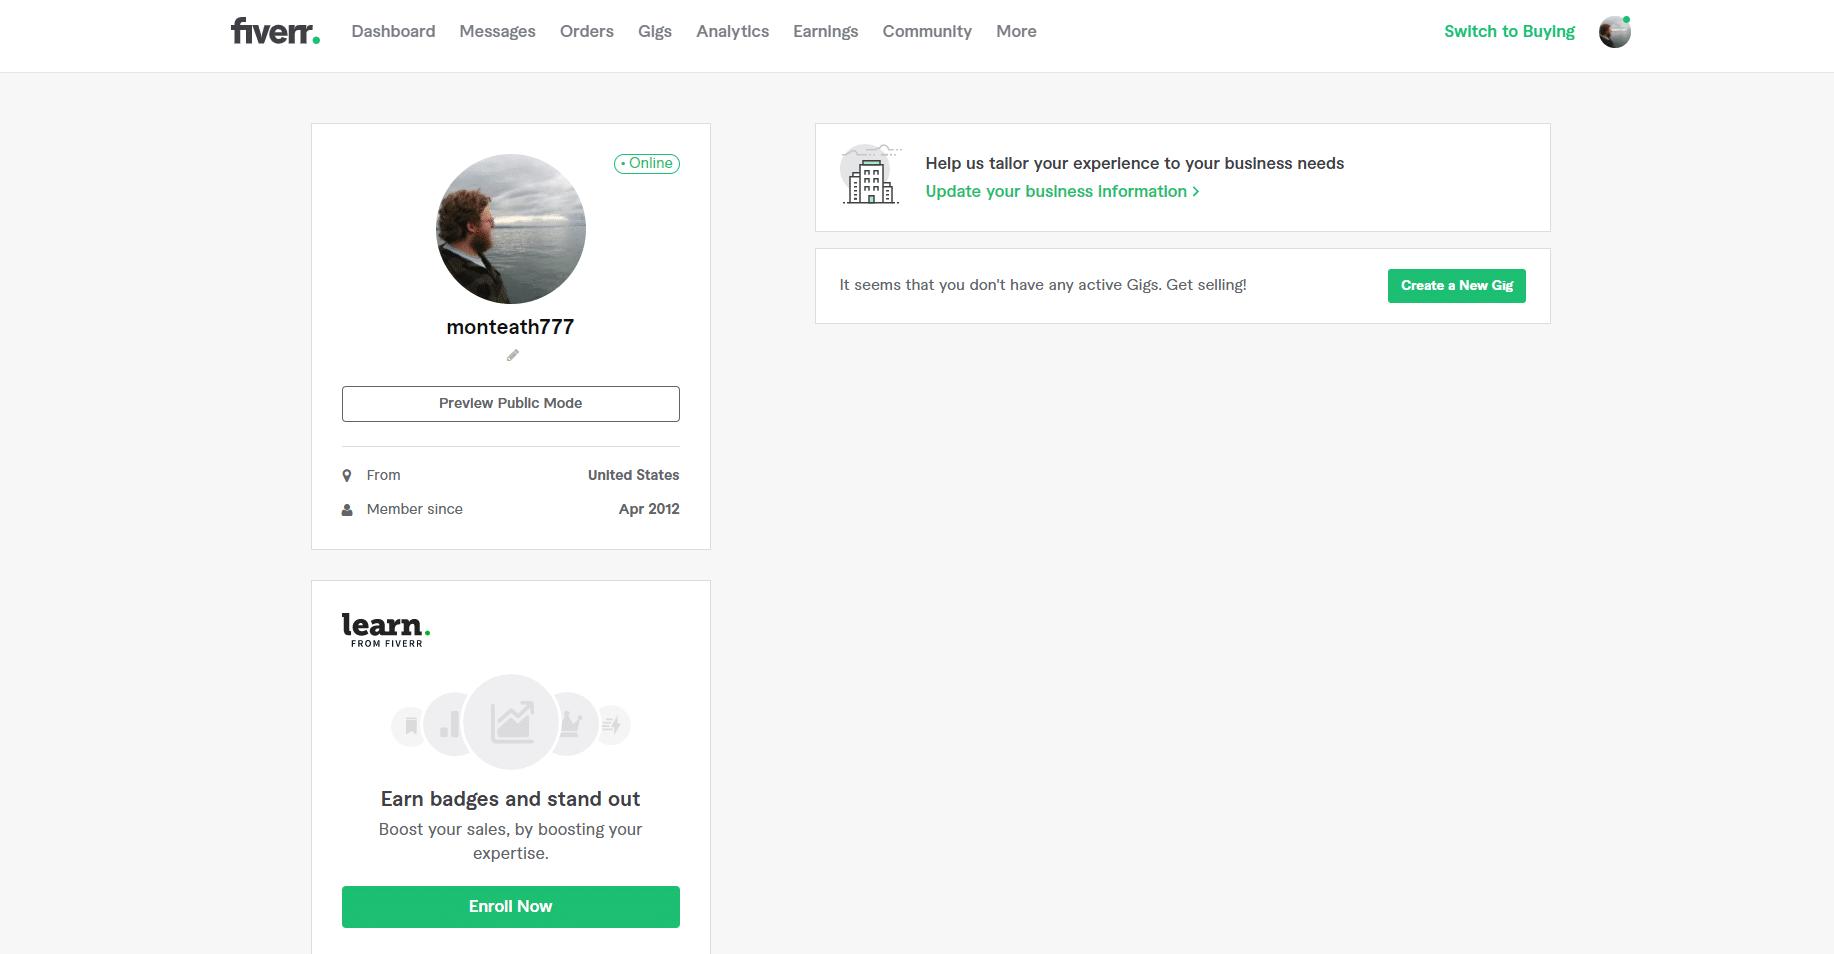 bare bones Fiverr profile